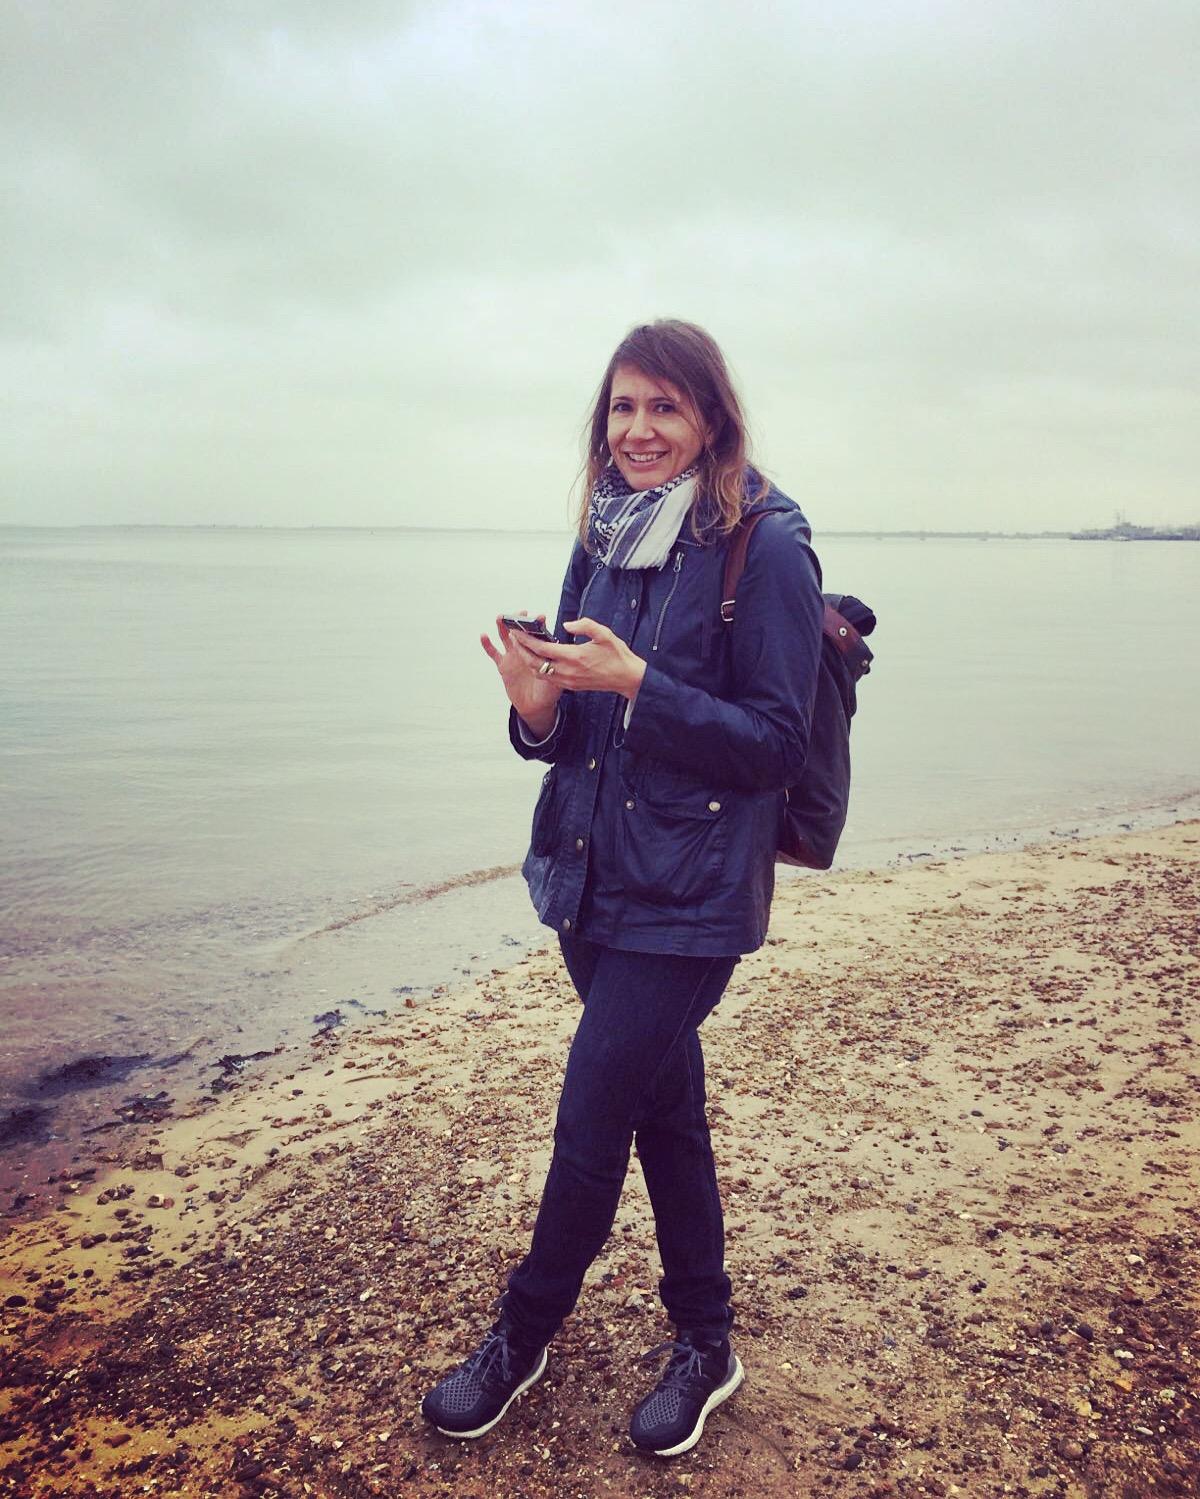 Me and Leigh-on-Sea